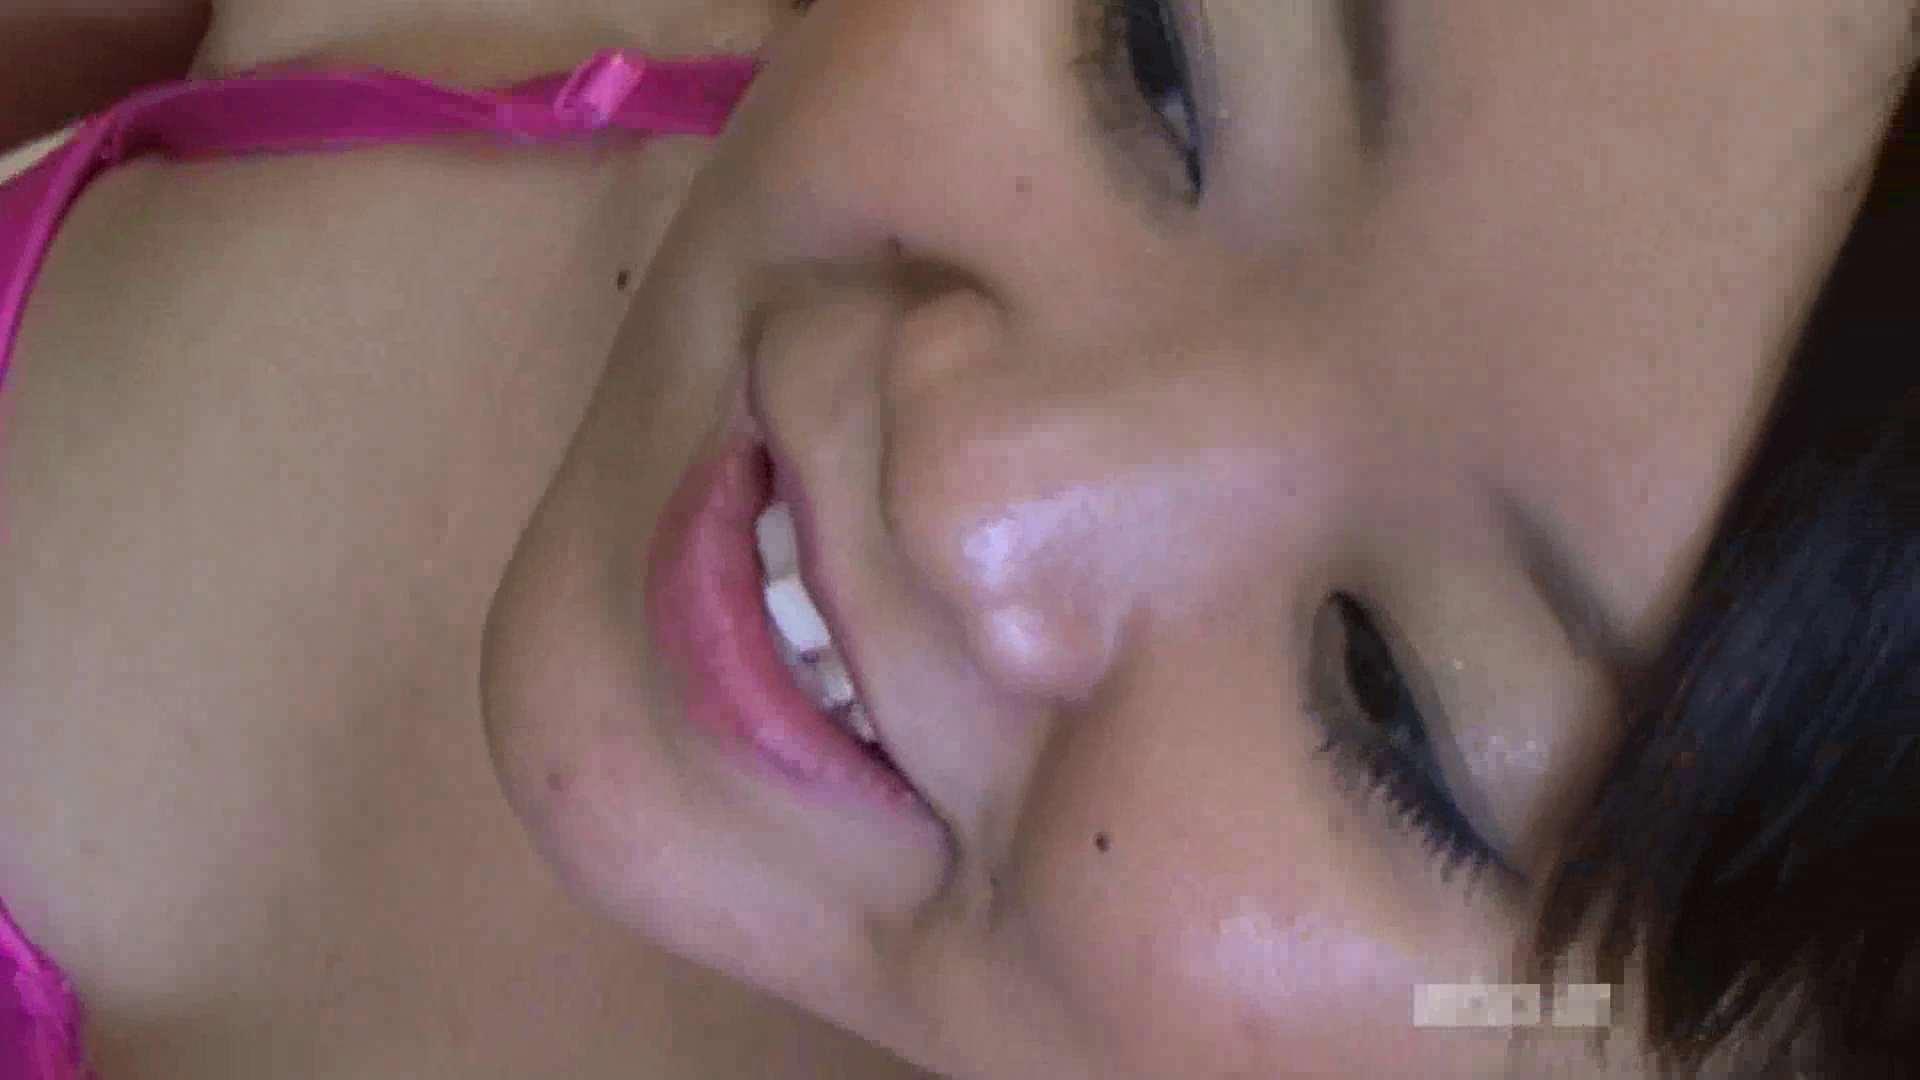 素人撮影 下着だけの撮影のはずが・・・地方から来た女の子 盗撮 アダルト動画キャプチャ 74pic 42